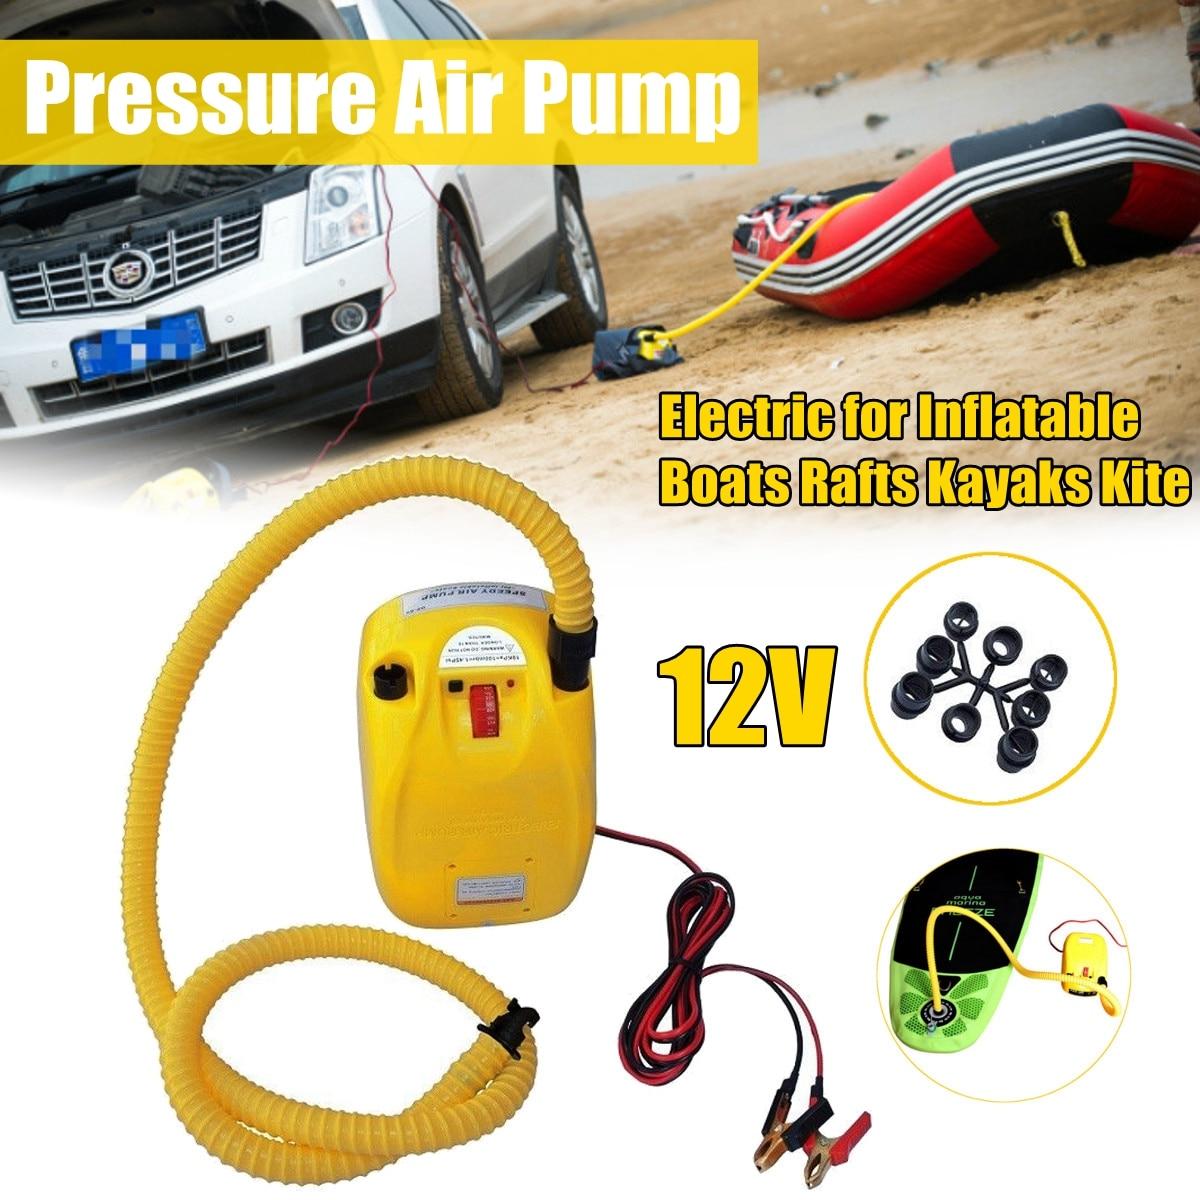 Haute pression DC 12 V pompe à air électrique pour bateau gonflable canot radeau sup planche de surf stand up paddle